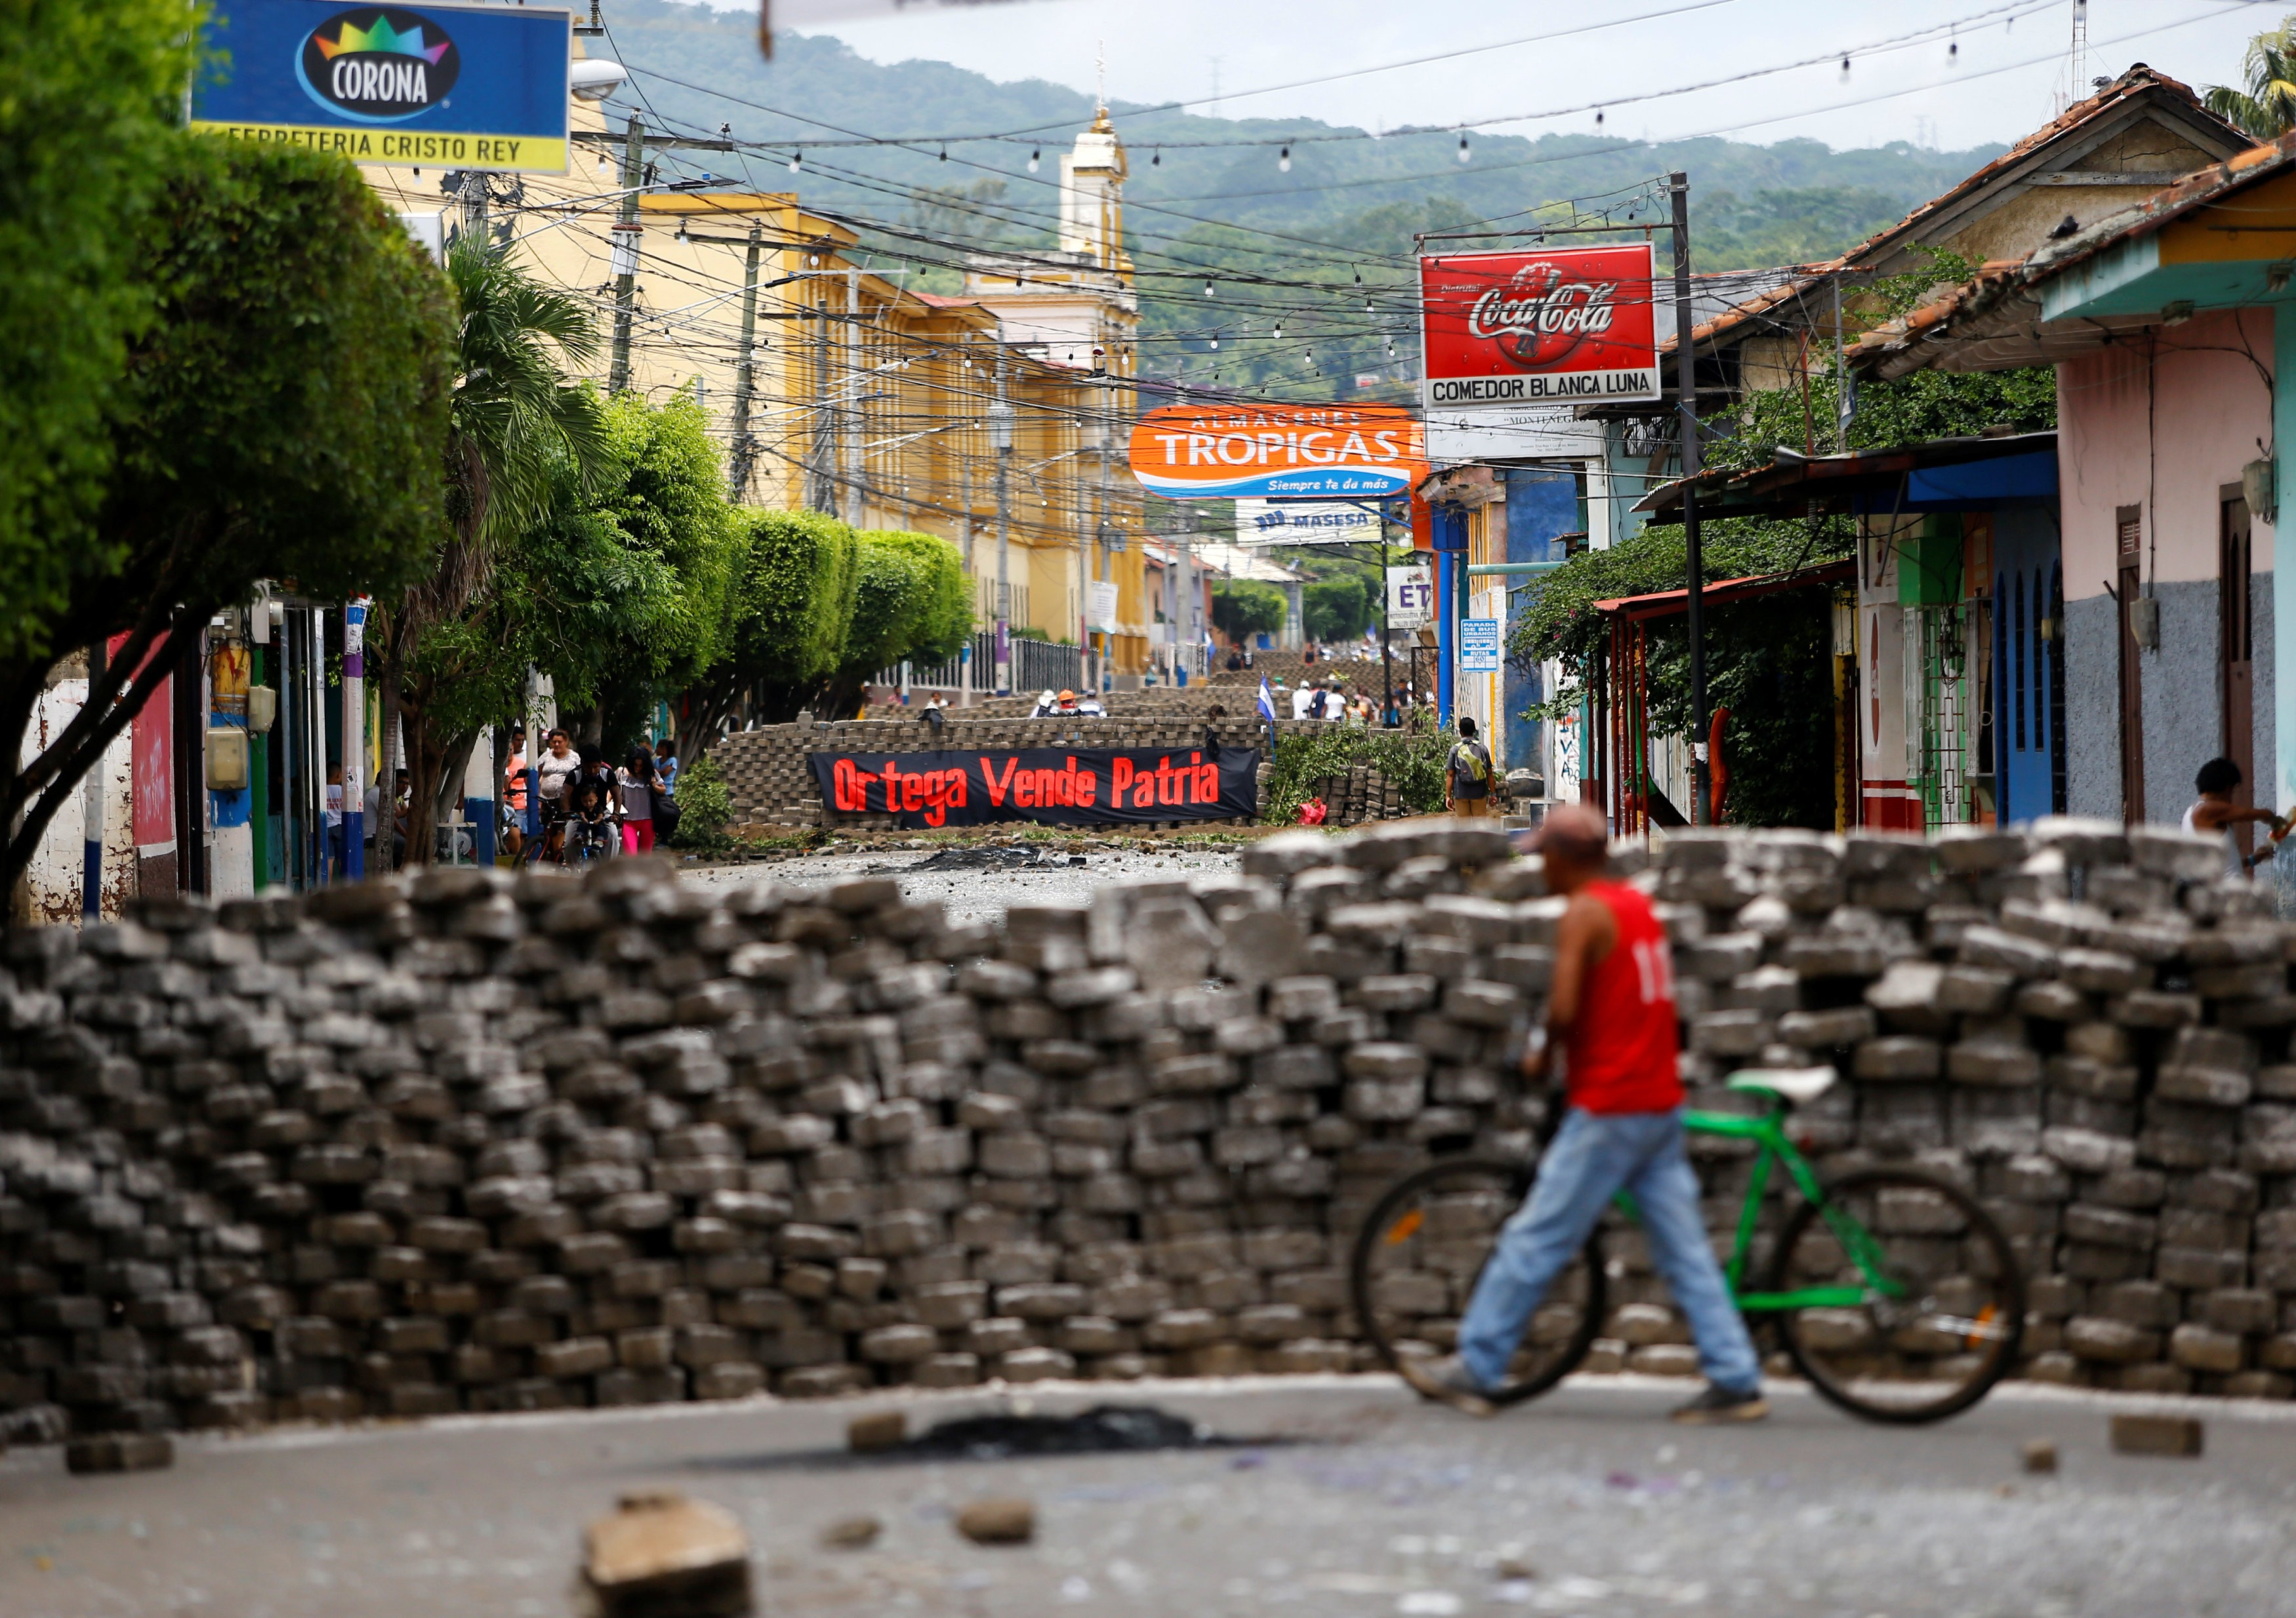 MUNDO – Ofensiva de Ortega contra protestos deixa 10 mortos na Nicarágua